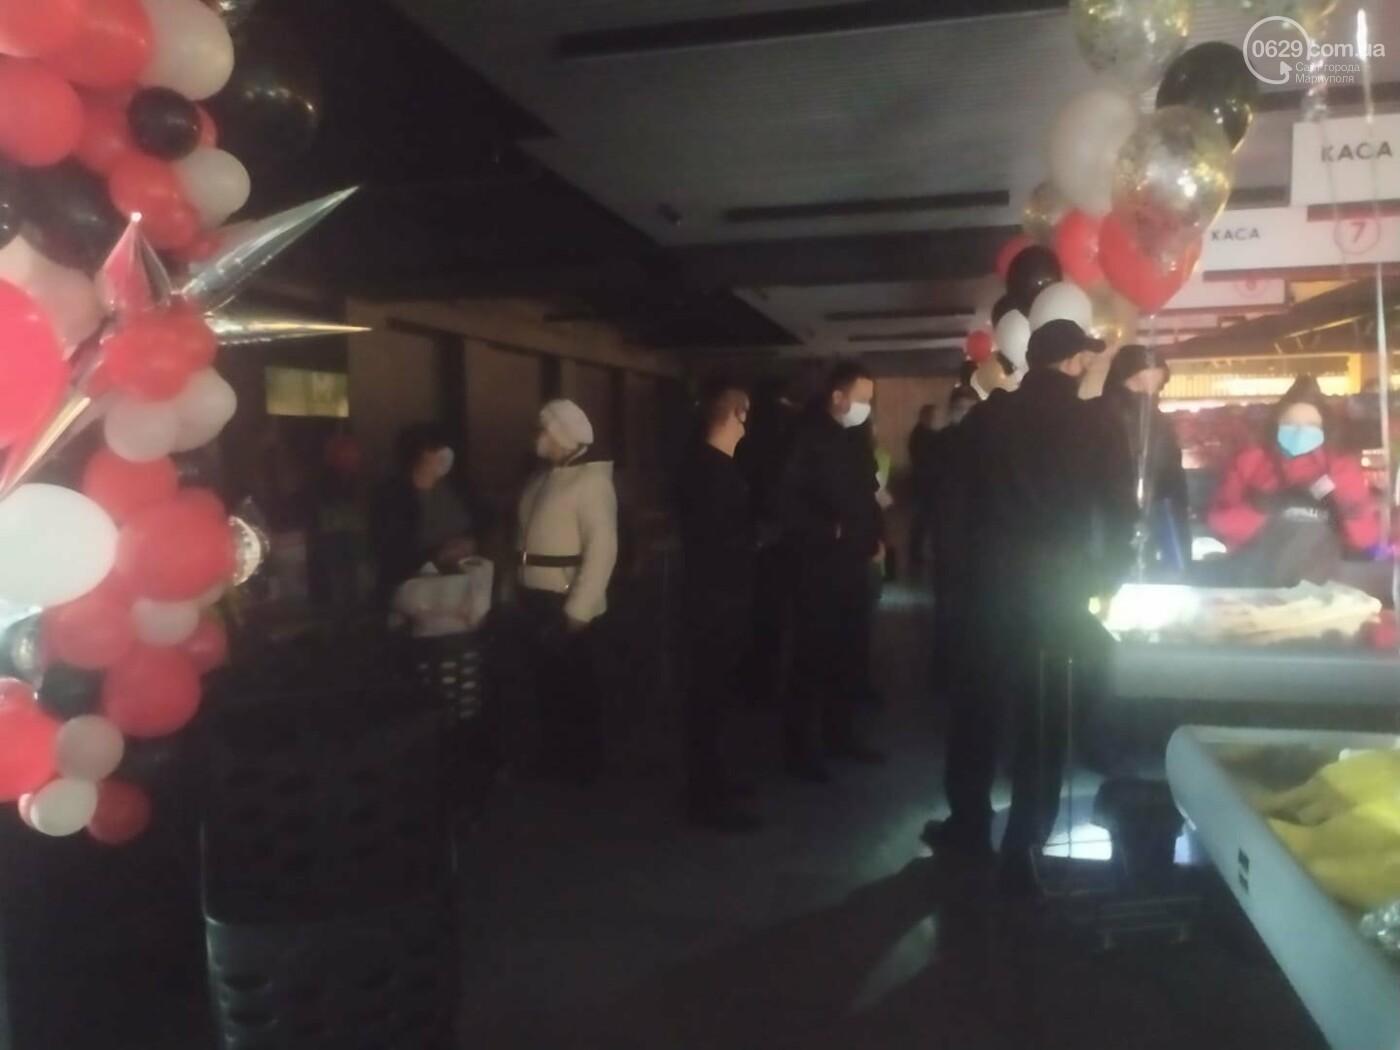 Мариупольцы в нарушение карантина штурмуют новый супермаркет, - ФОТО, ВИДЕО, фото-12